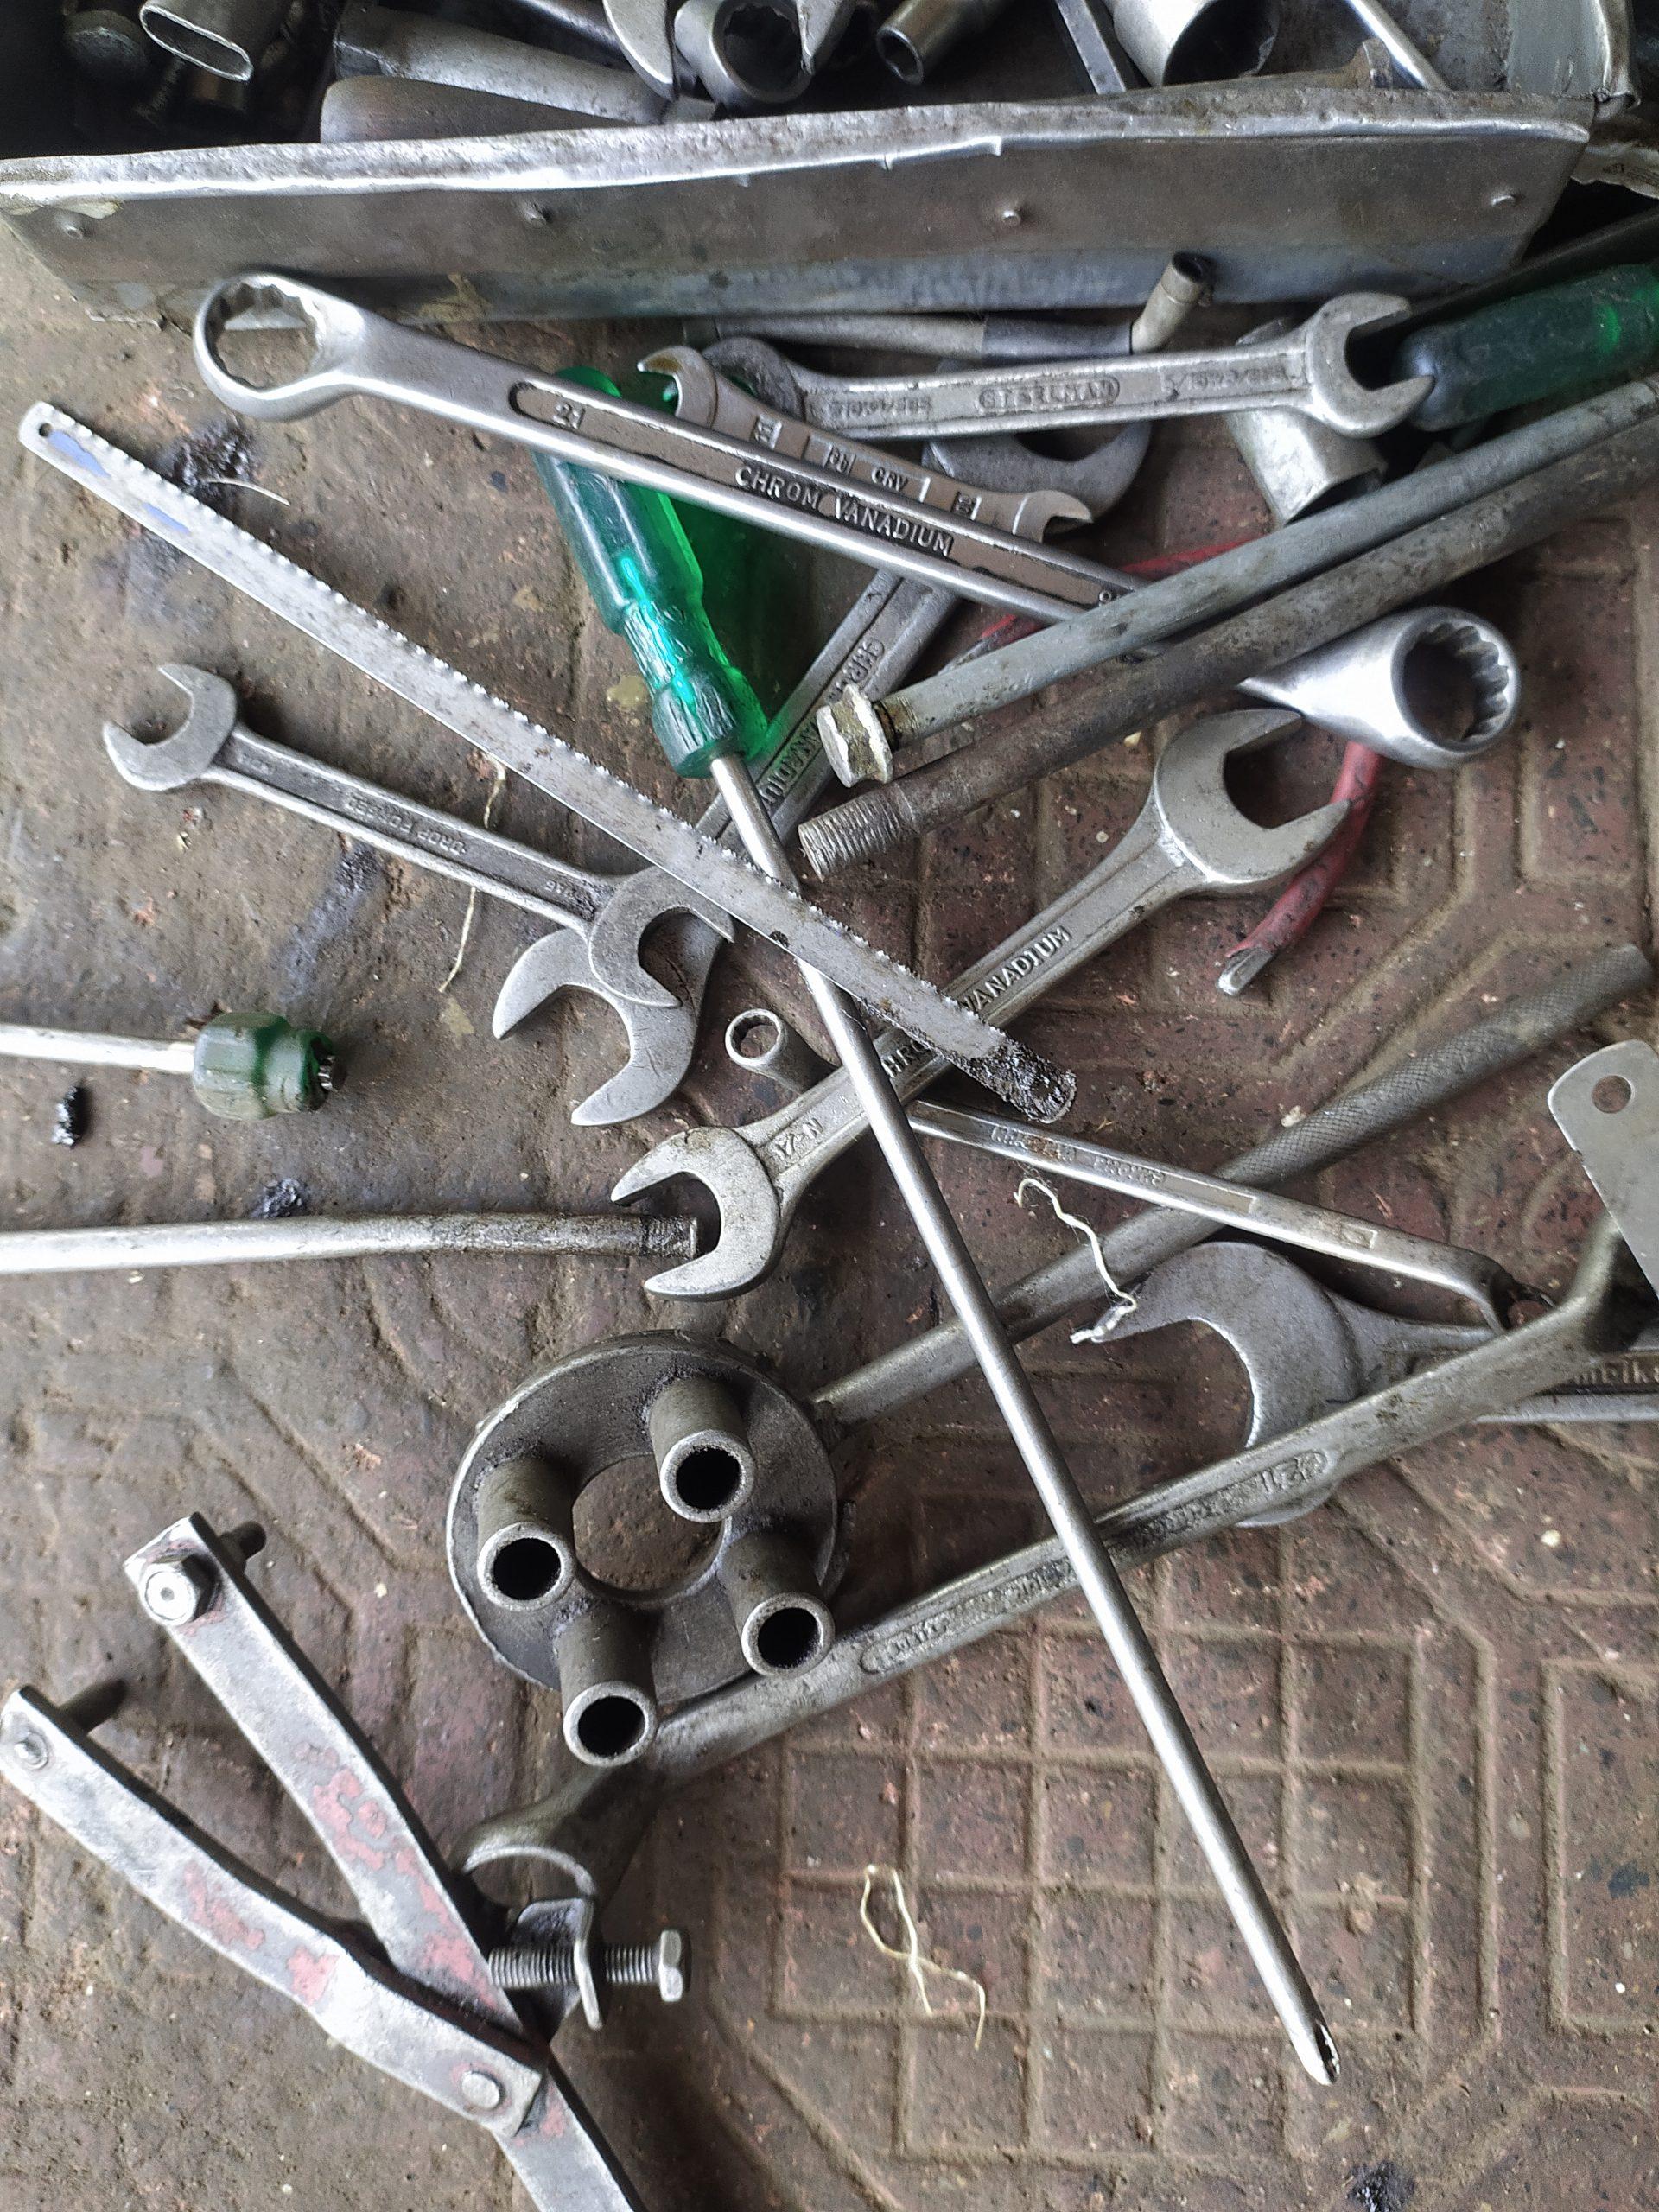 Tools of a mechanic